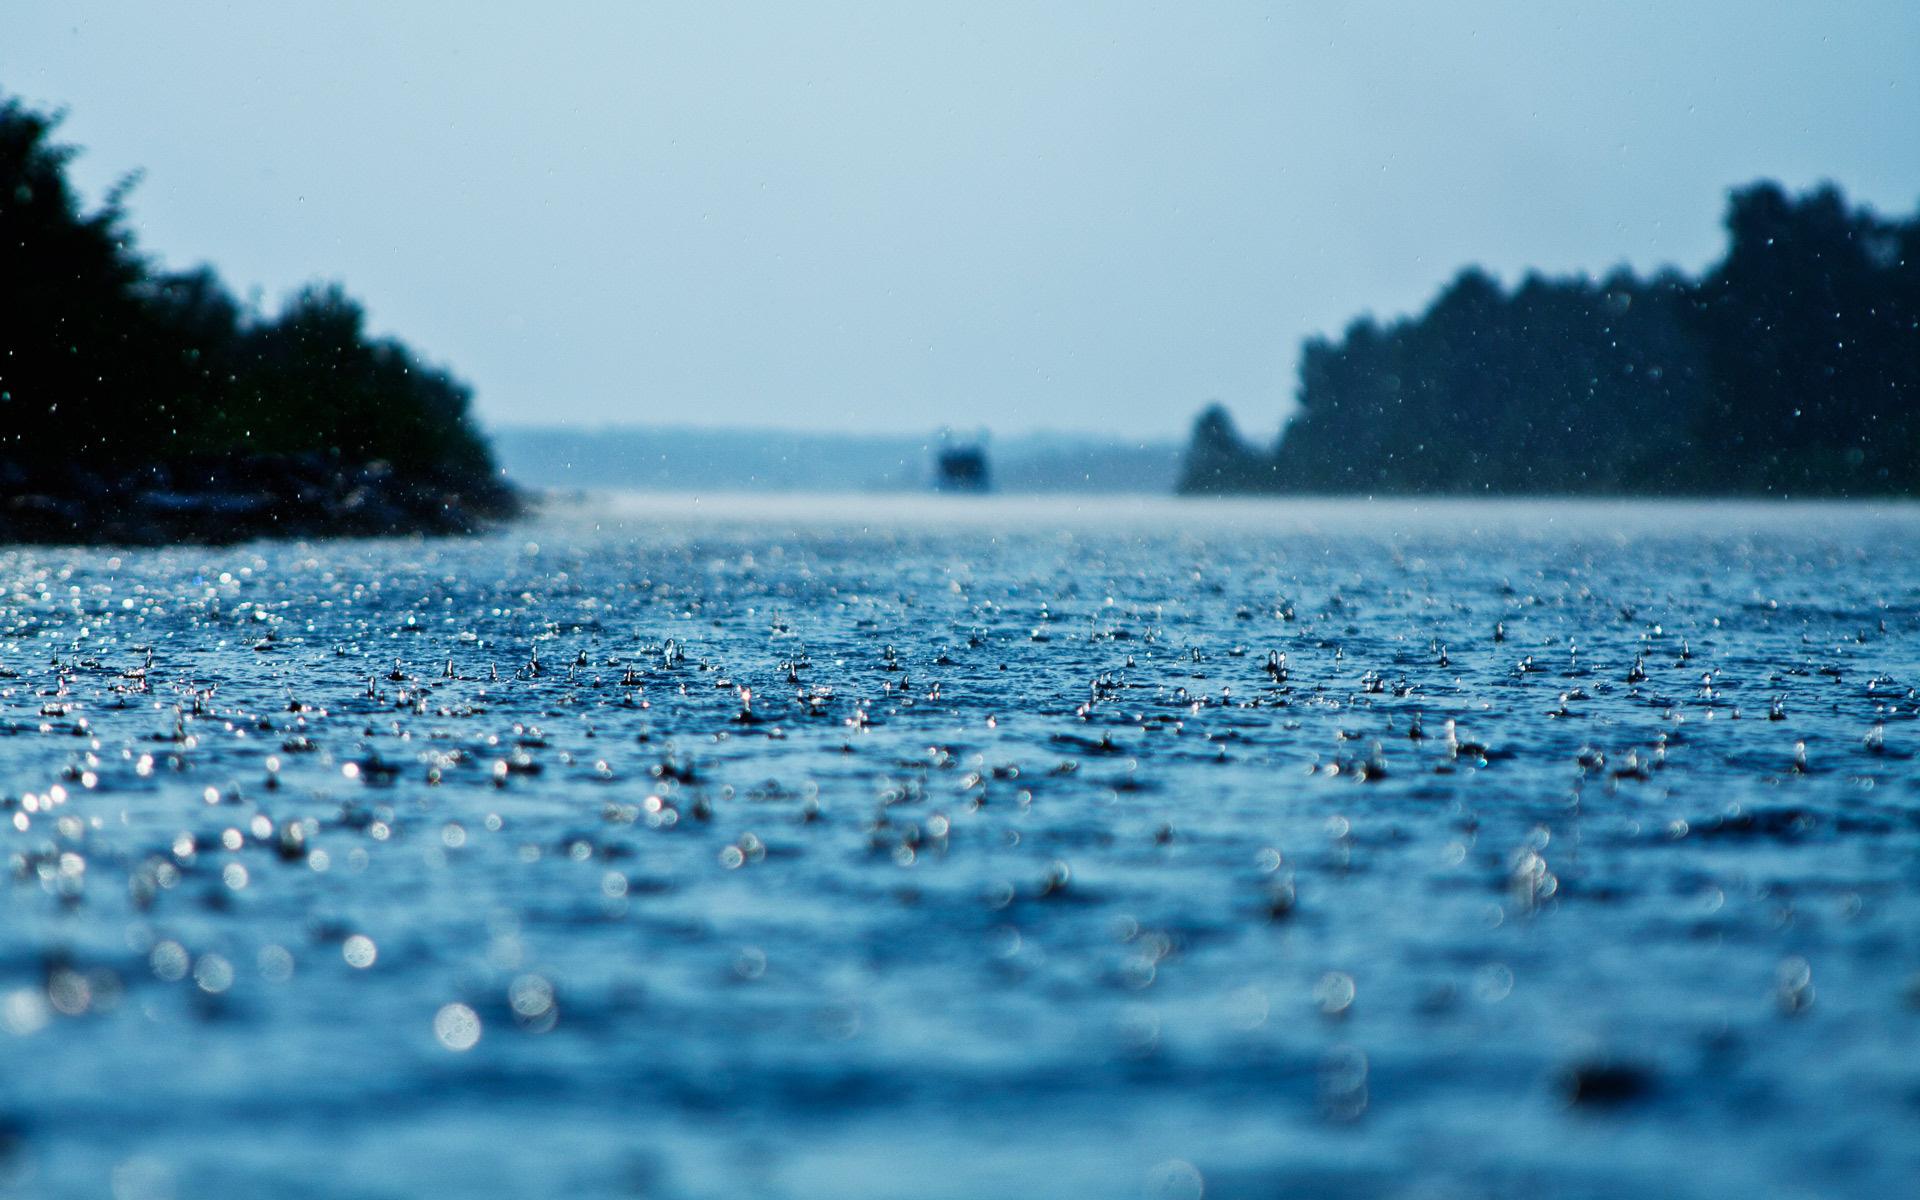 Fotografie - Regen  Blau Wasser Wallpaper